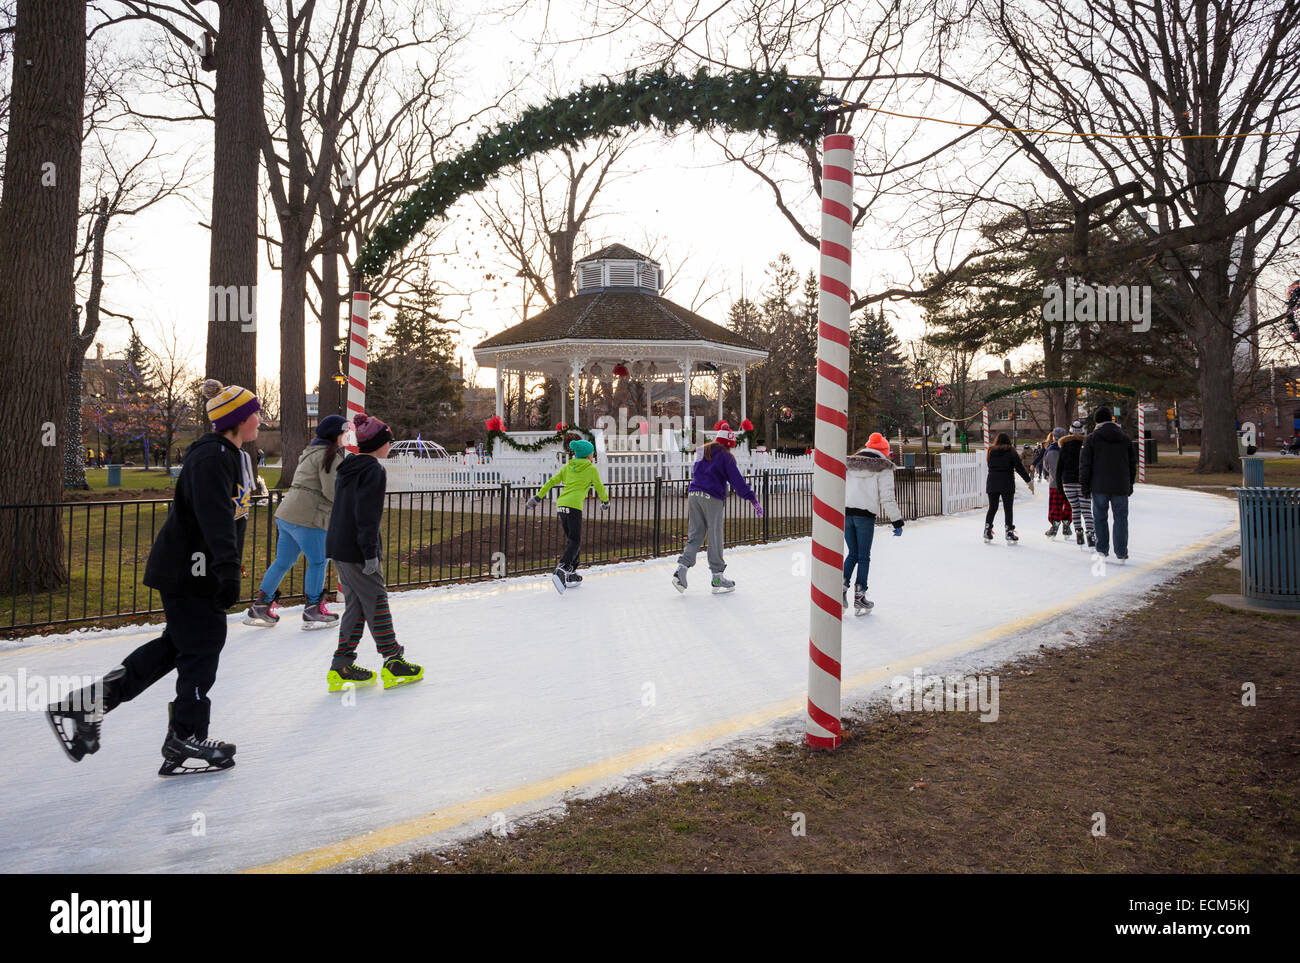 Persone il pattinaggio su ghiaccio in Gage Park nel centro cittadino di Brampton, Ontario, Canada. Immagini Stock